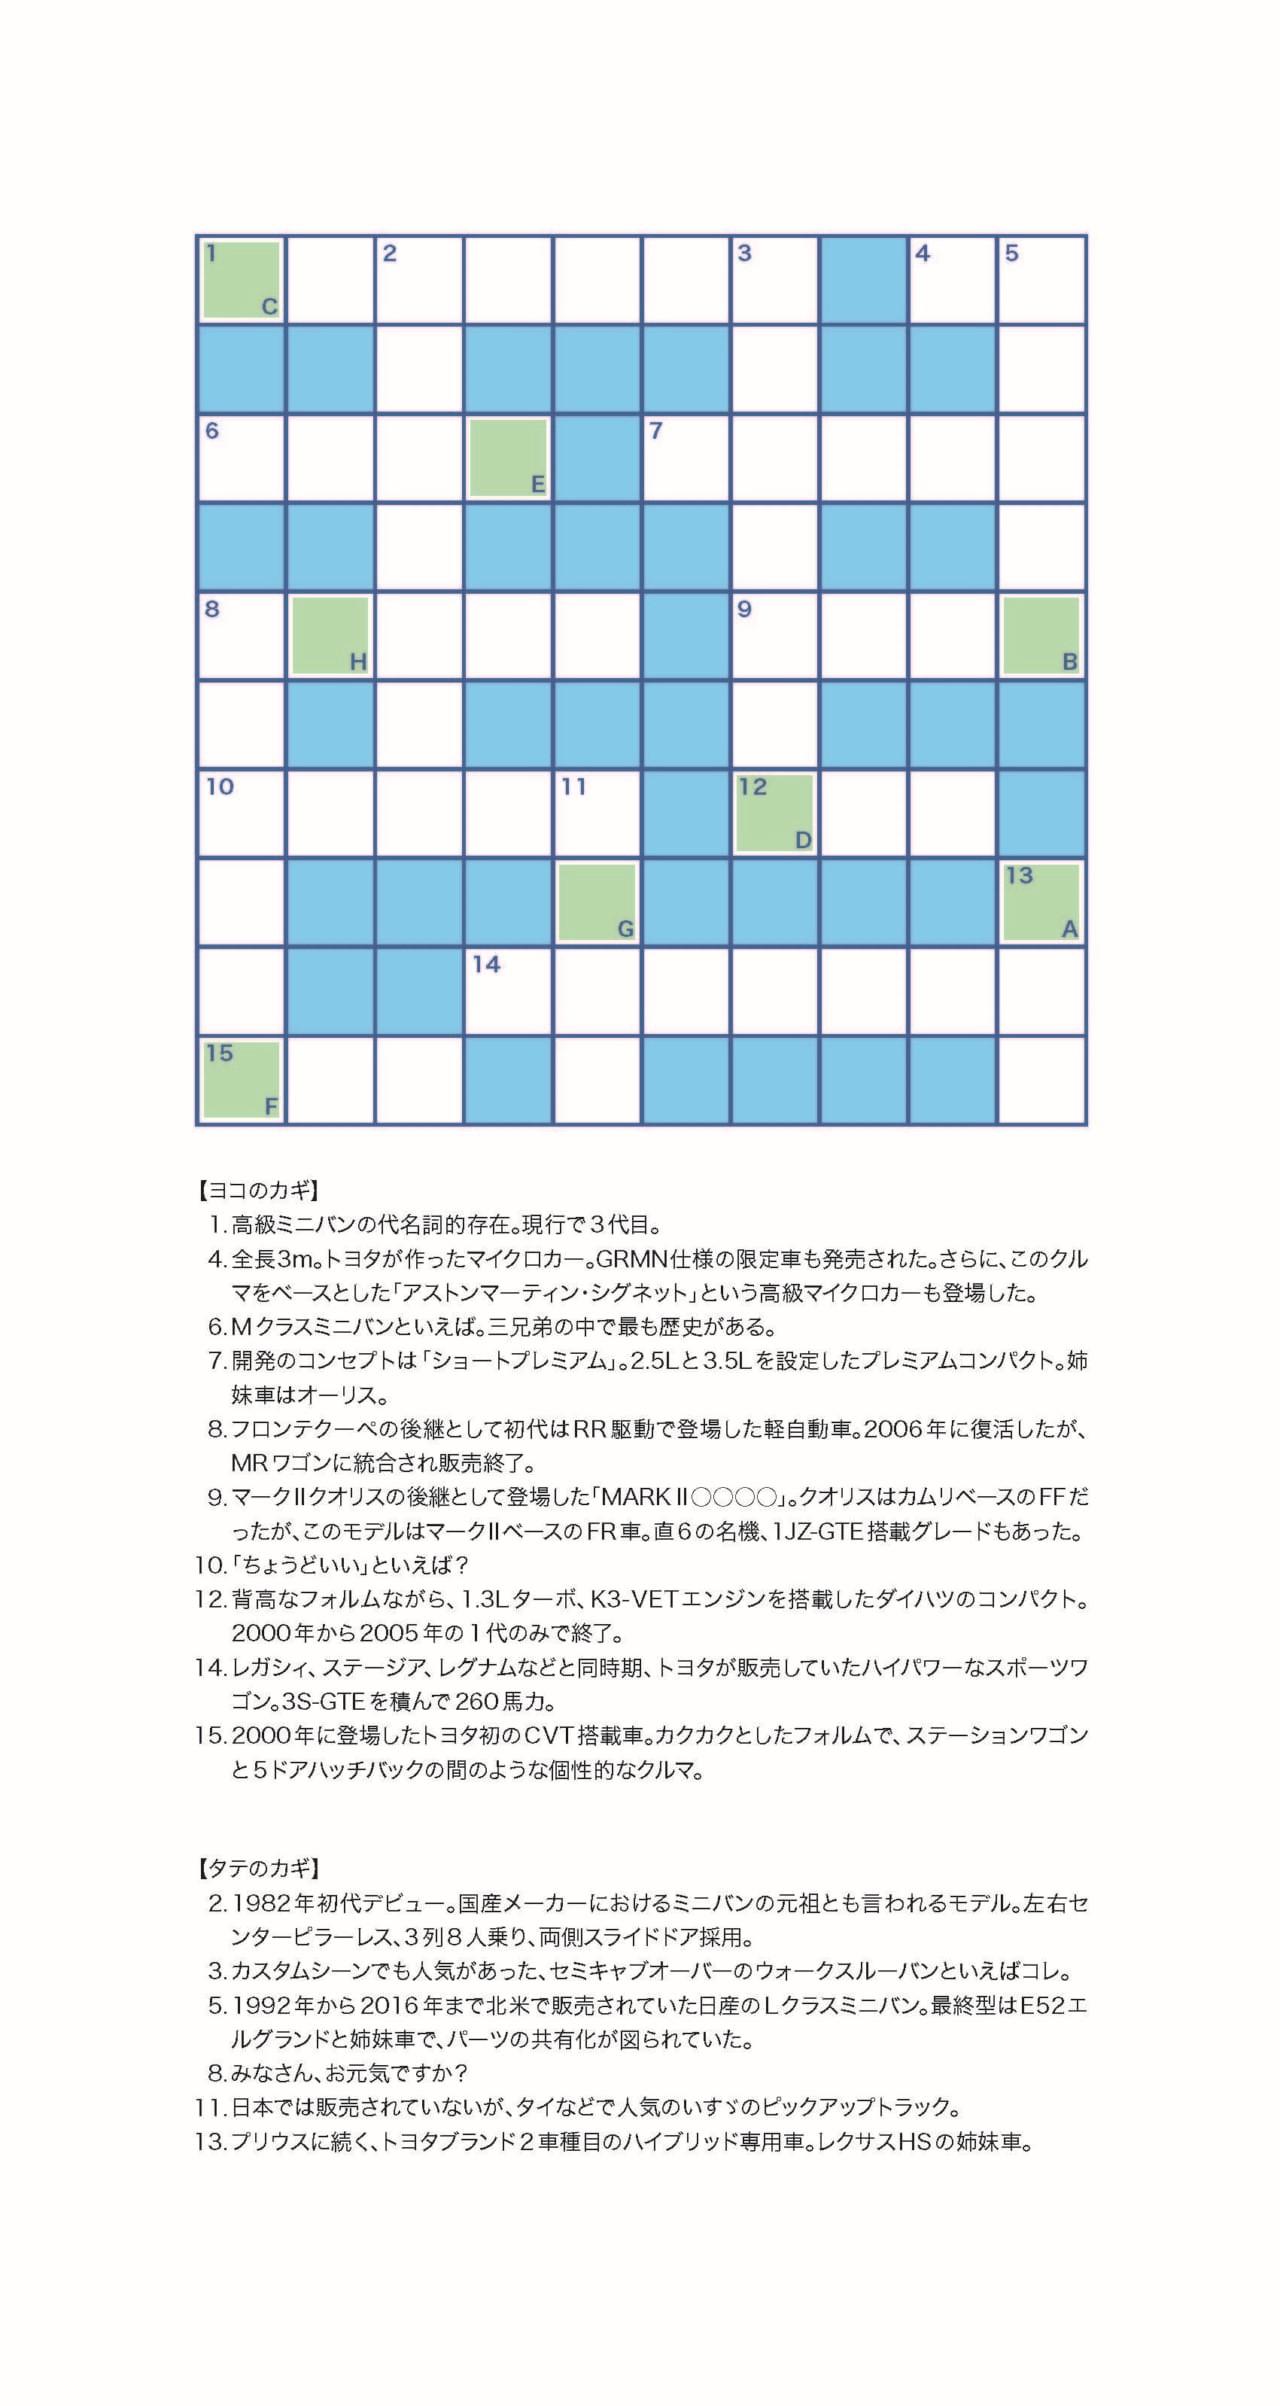 【超難問!?】ググらず解ける!? アルファベットで車名クロスワード作ってみました!